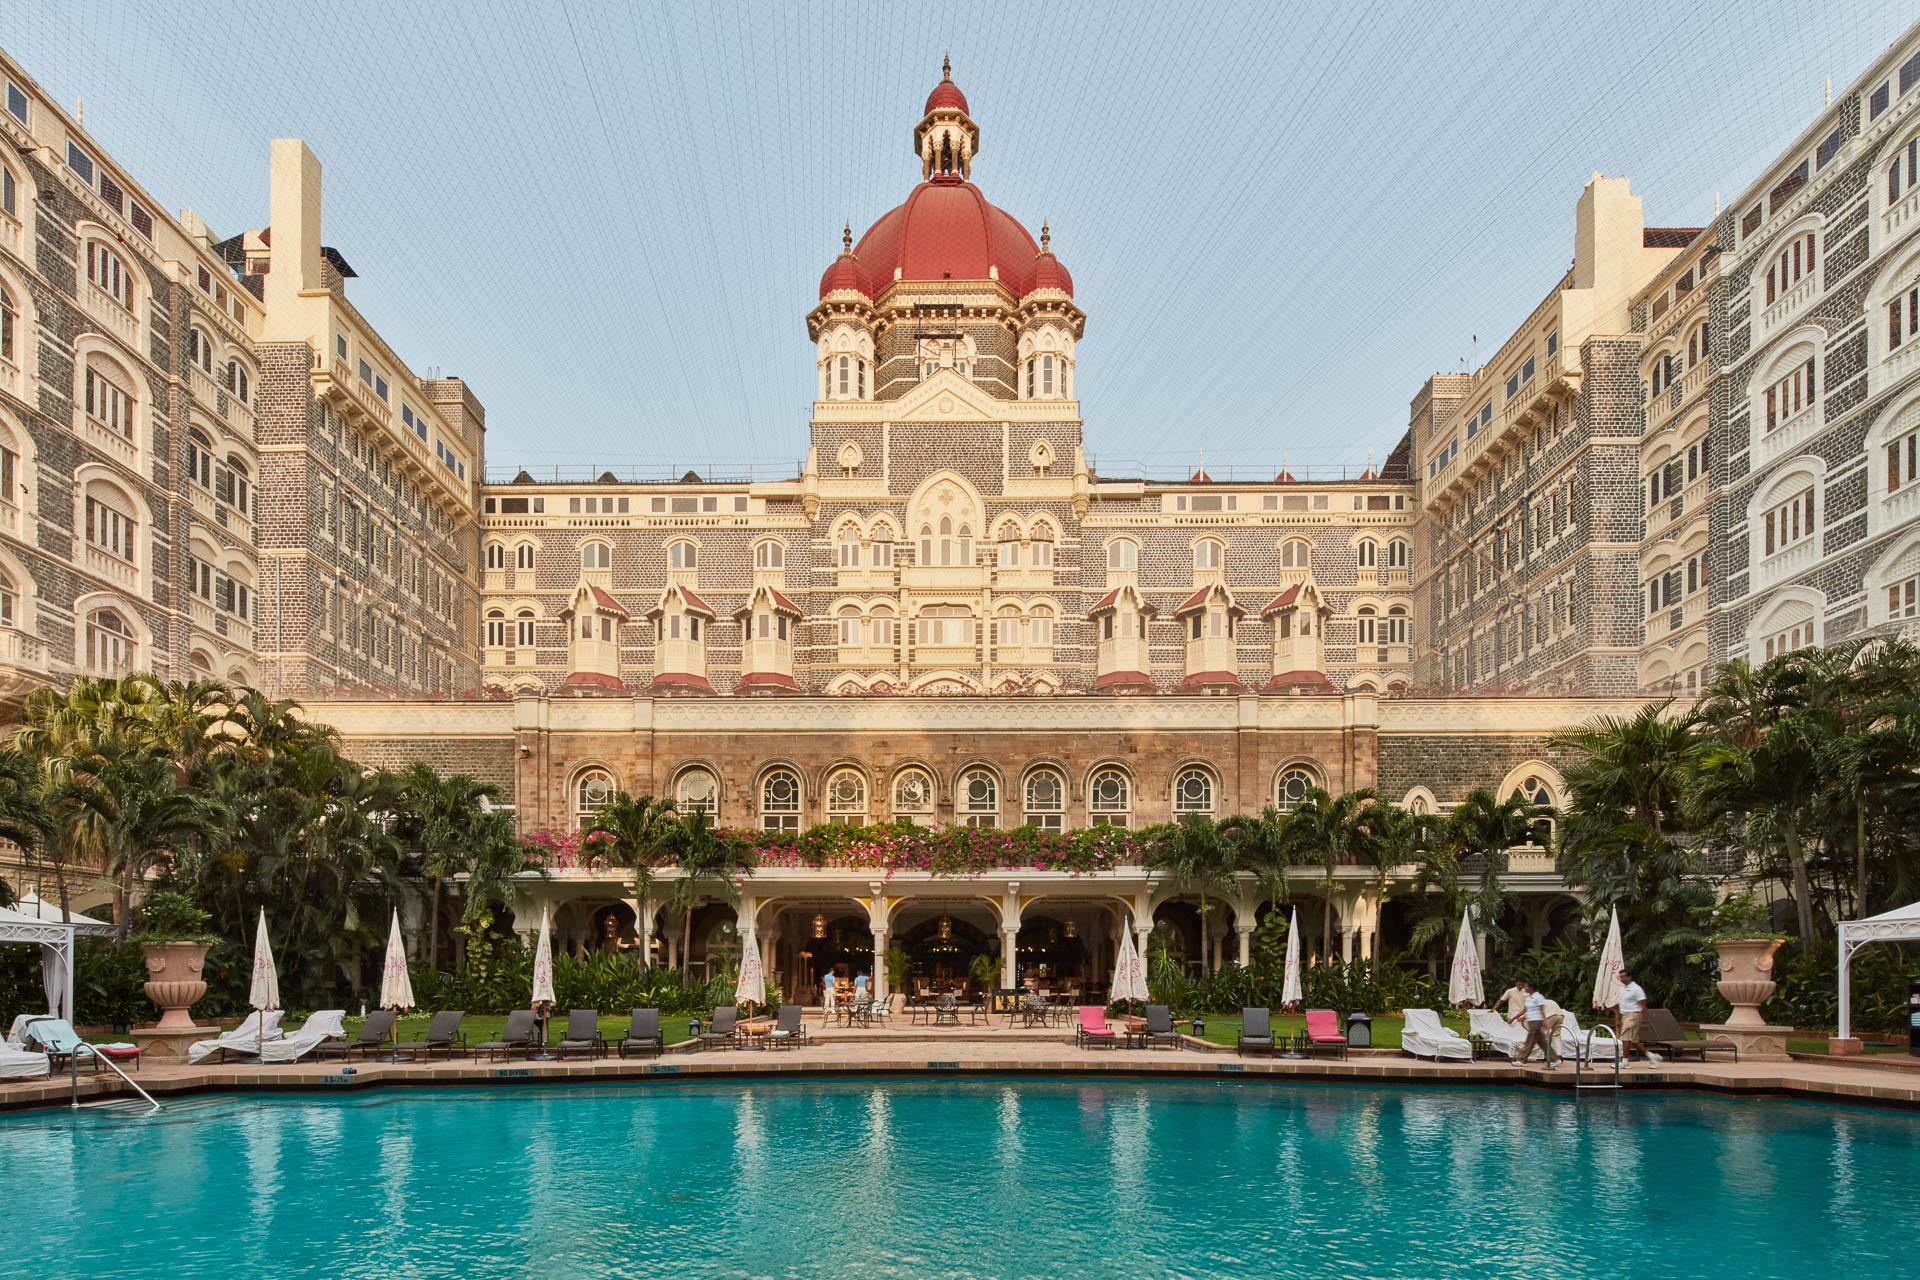 1539694286858 Taj Mumbai If These Walls Could Talk 7 of 12 - Deretan Hotel Bintang 5 Yang Berhantu, Kamu Berani Nginep?